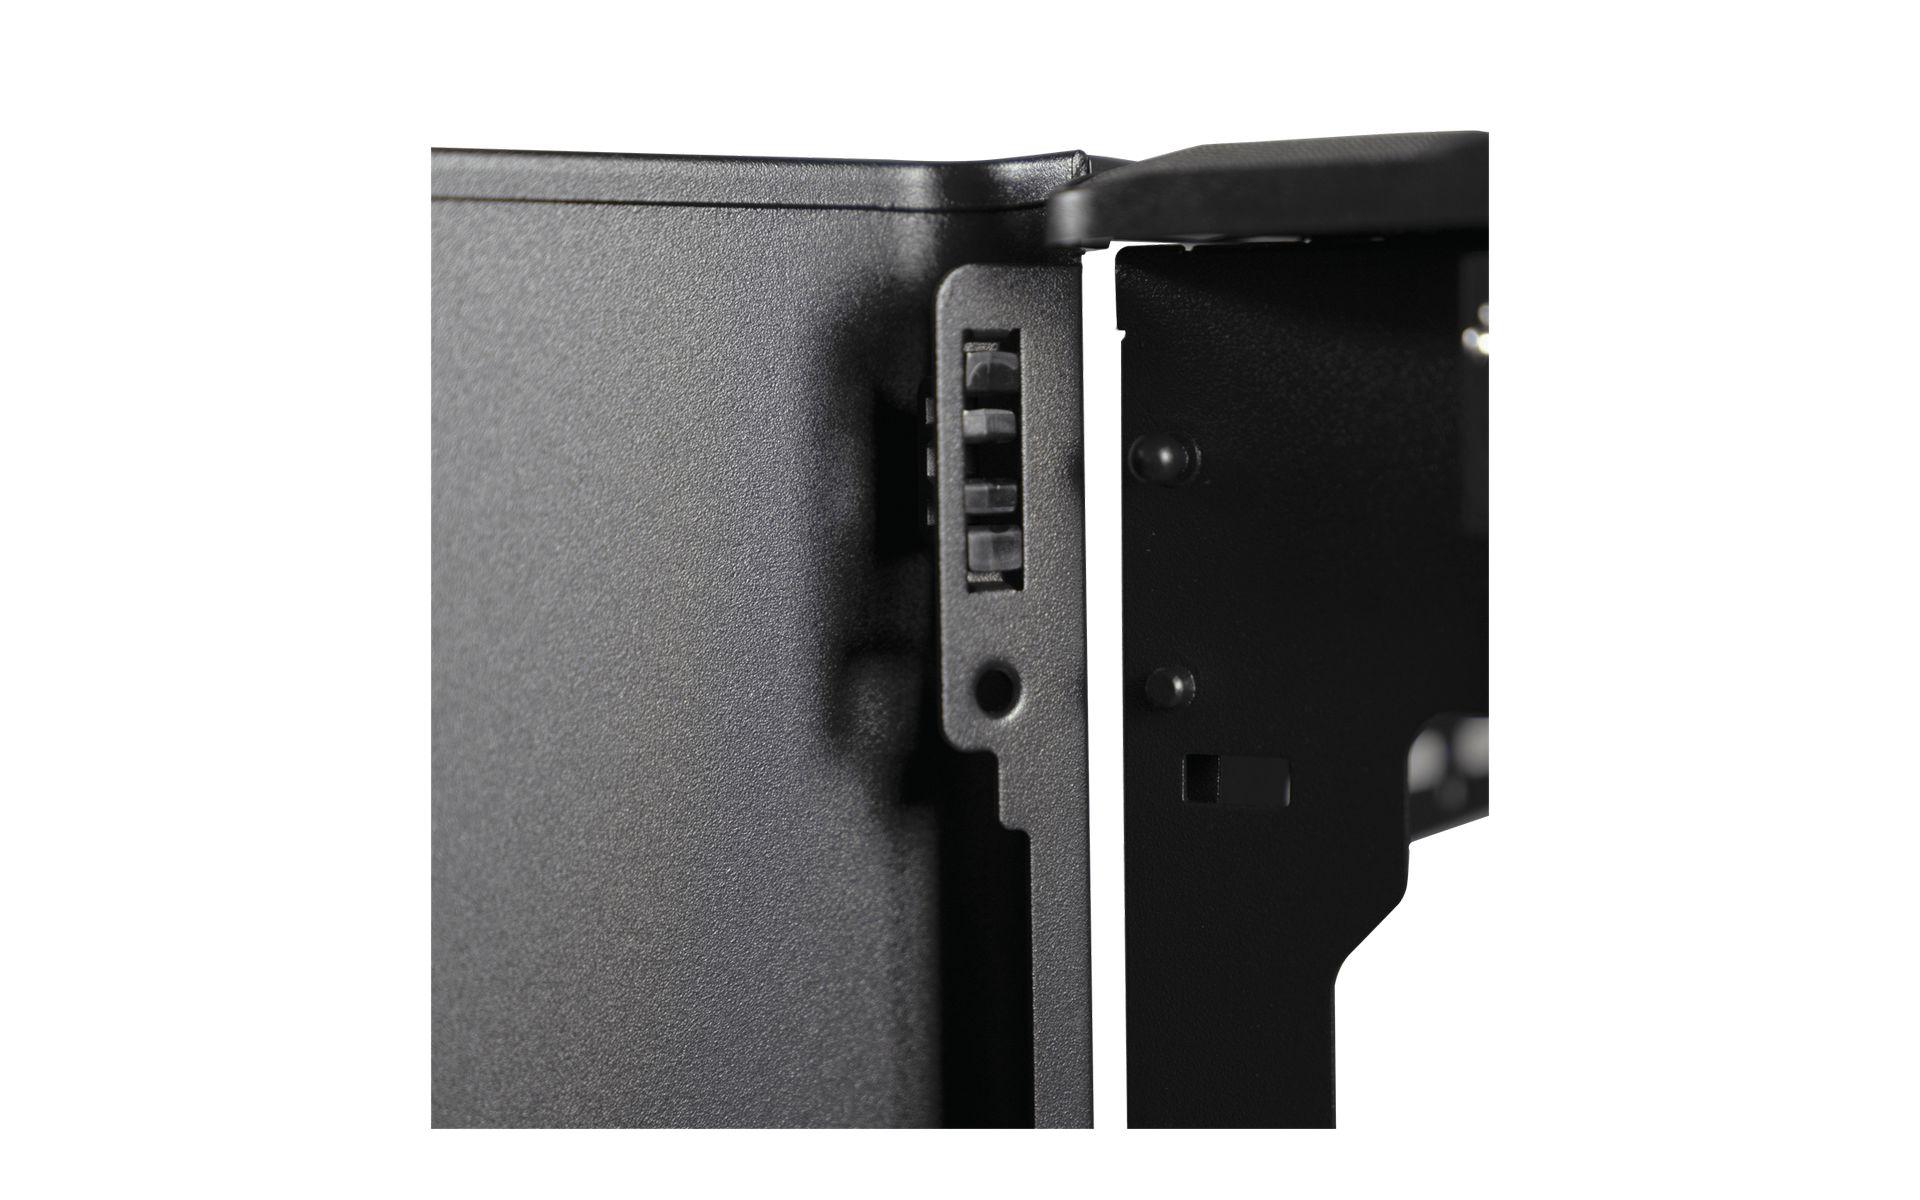 vỏ và khung máy của NR200P đen